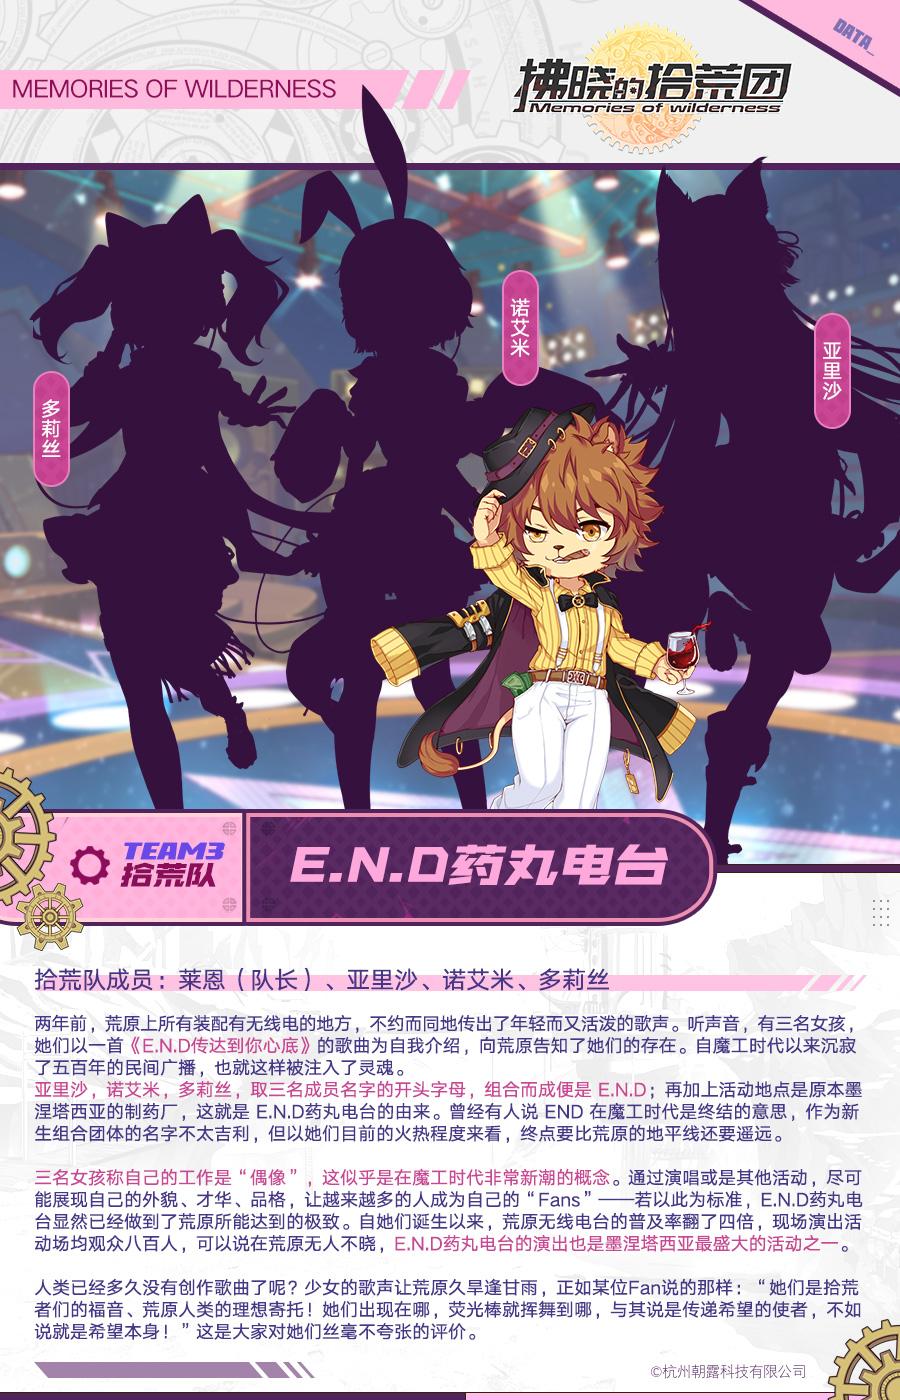 """【荒原组织】""""E.N.D药丸电台""""登场"""